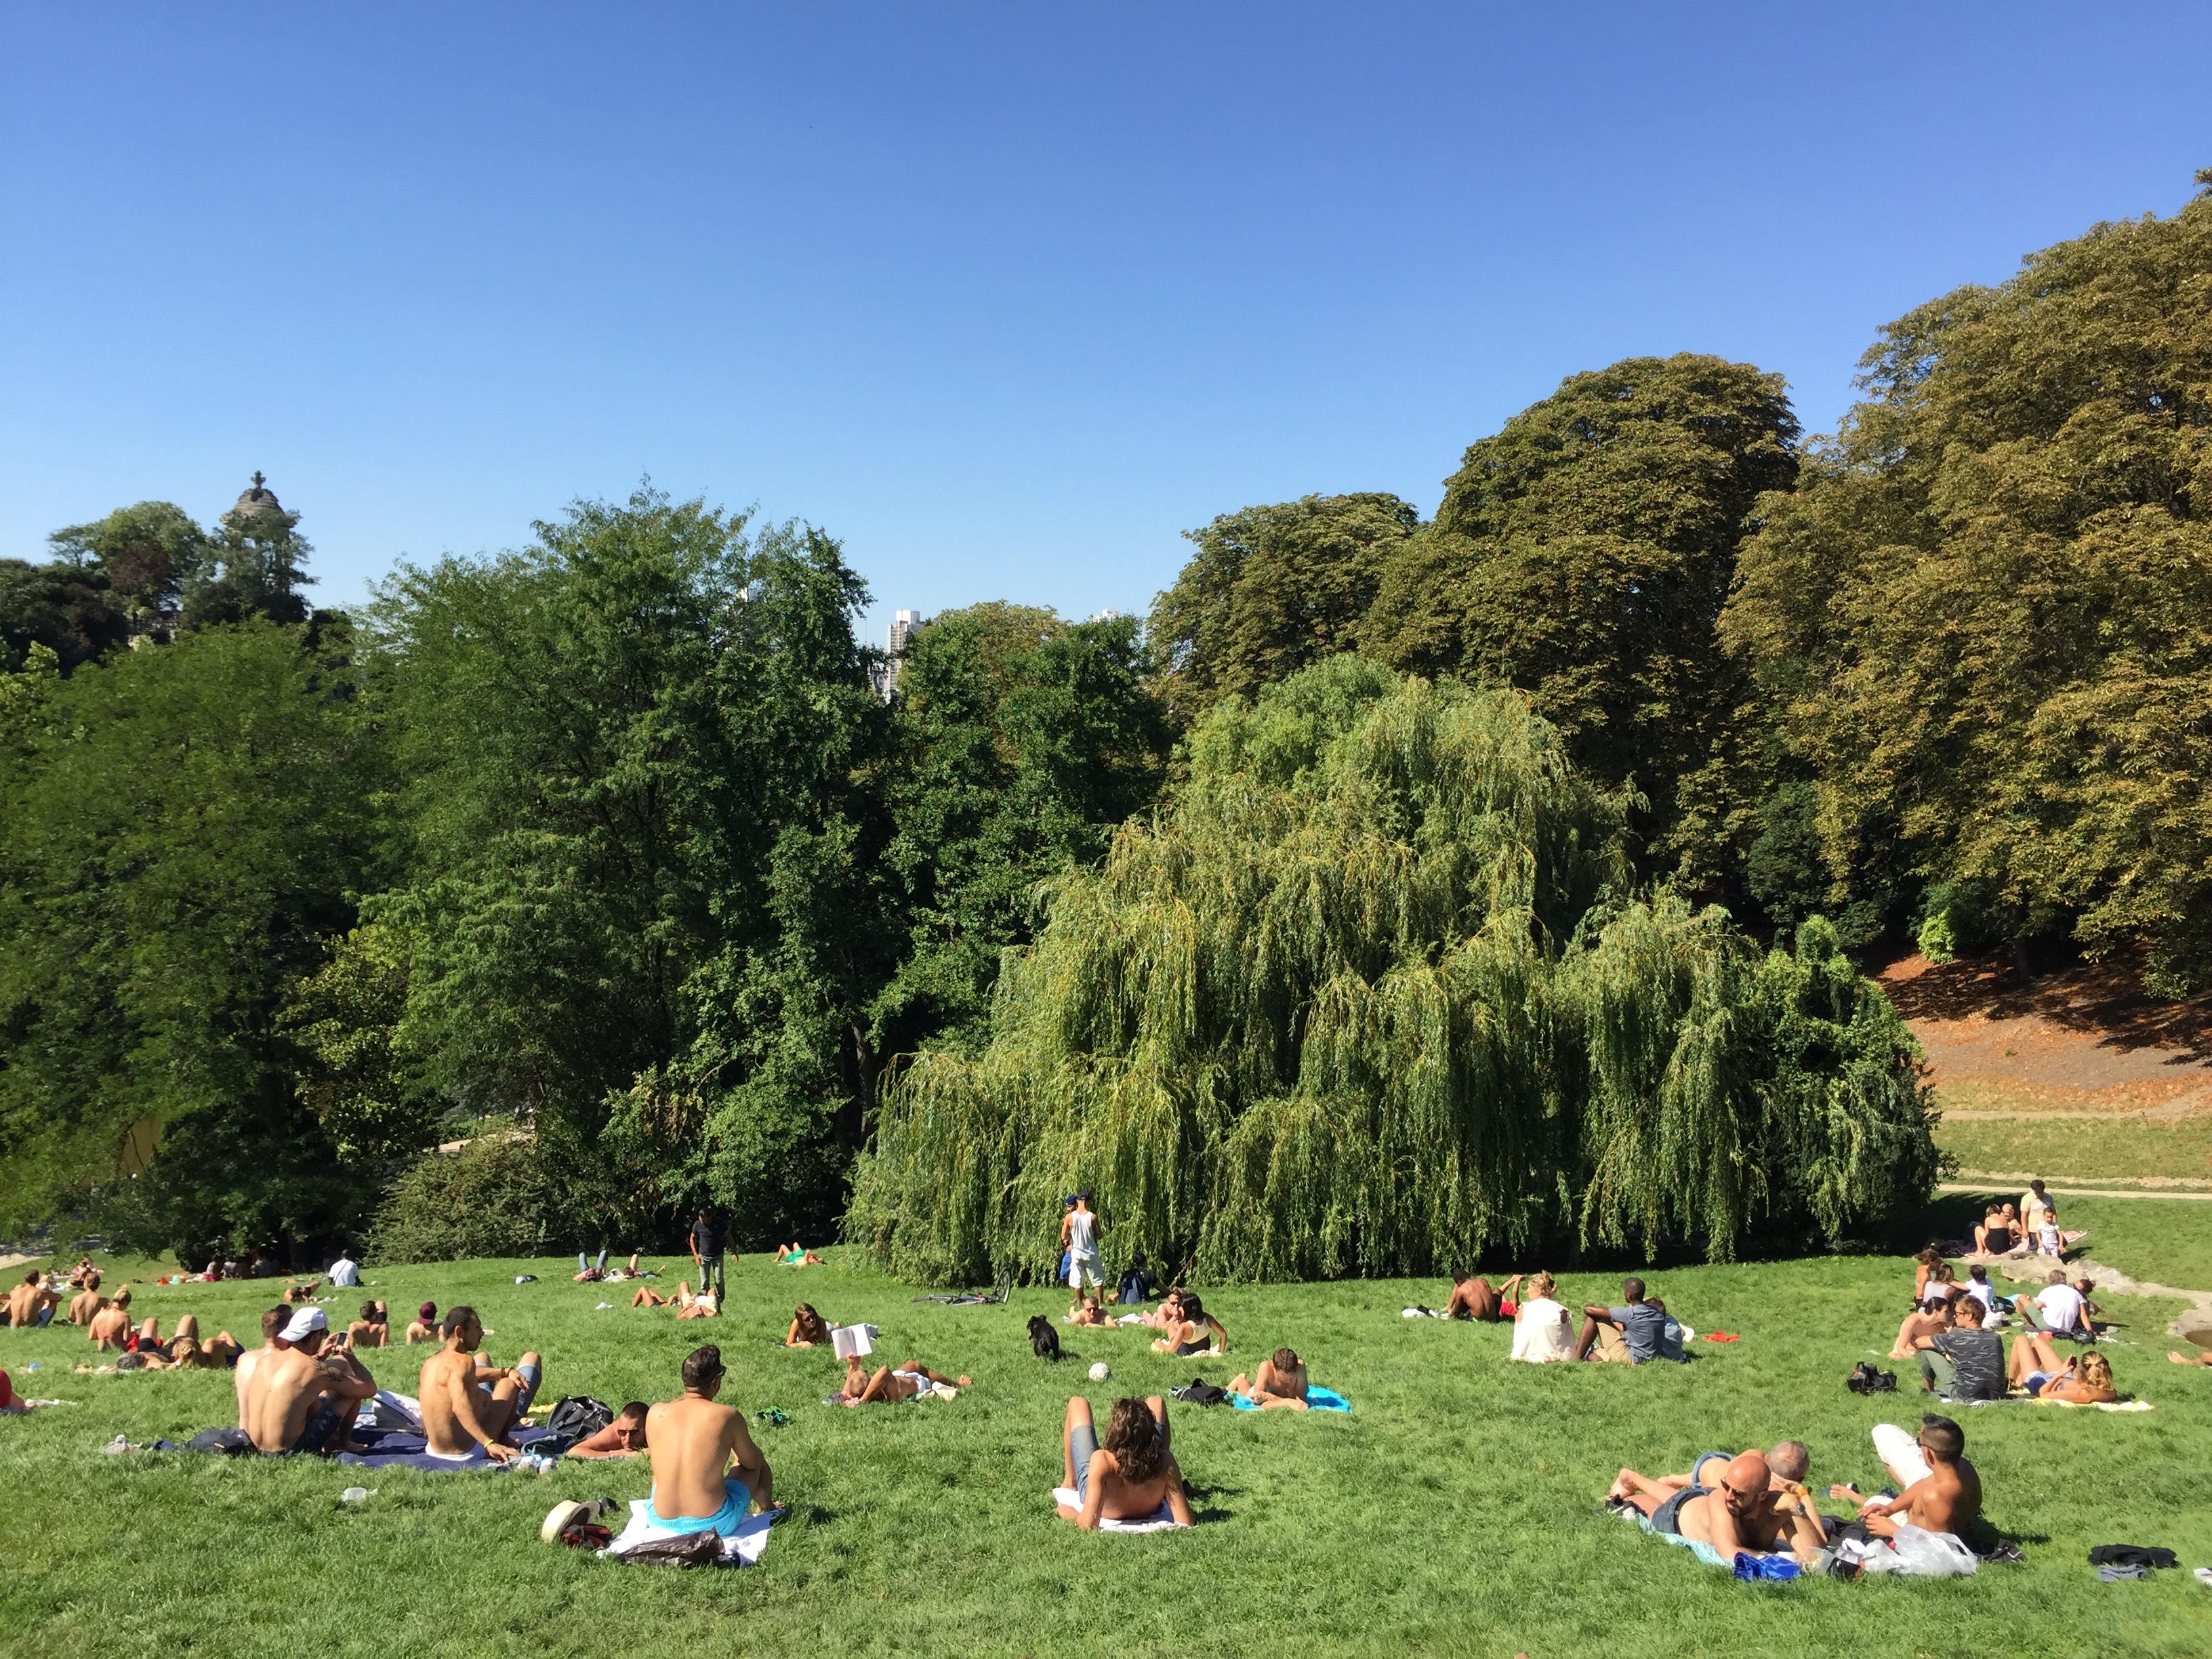 lista completa dos jardins e parques de paris expresso paris